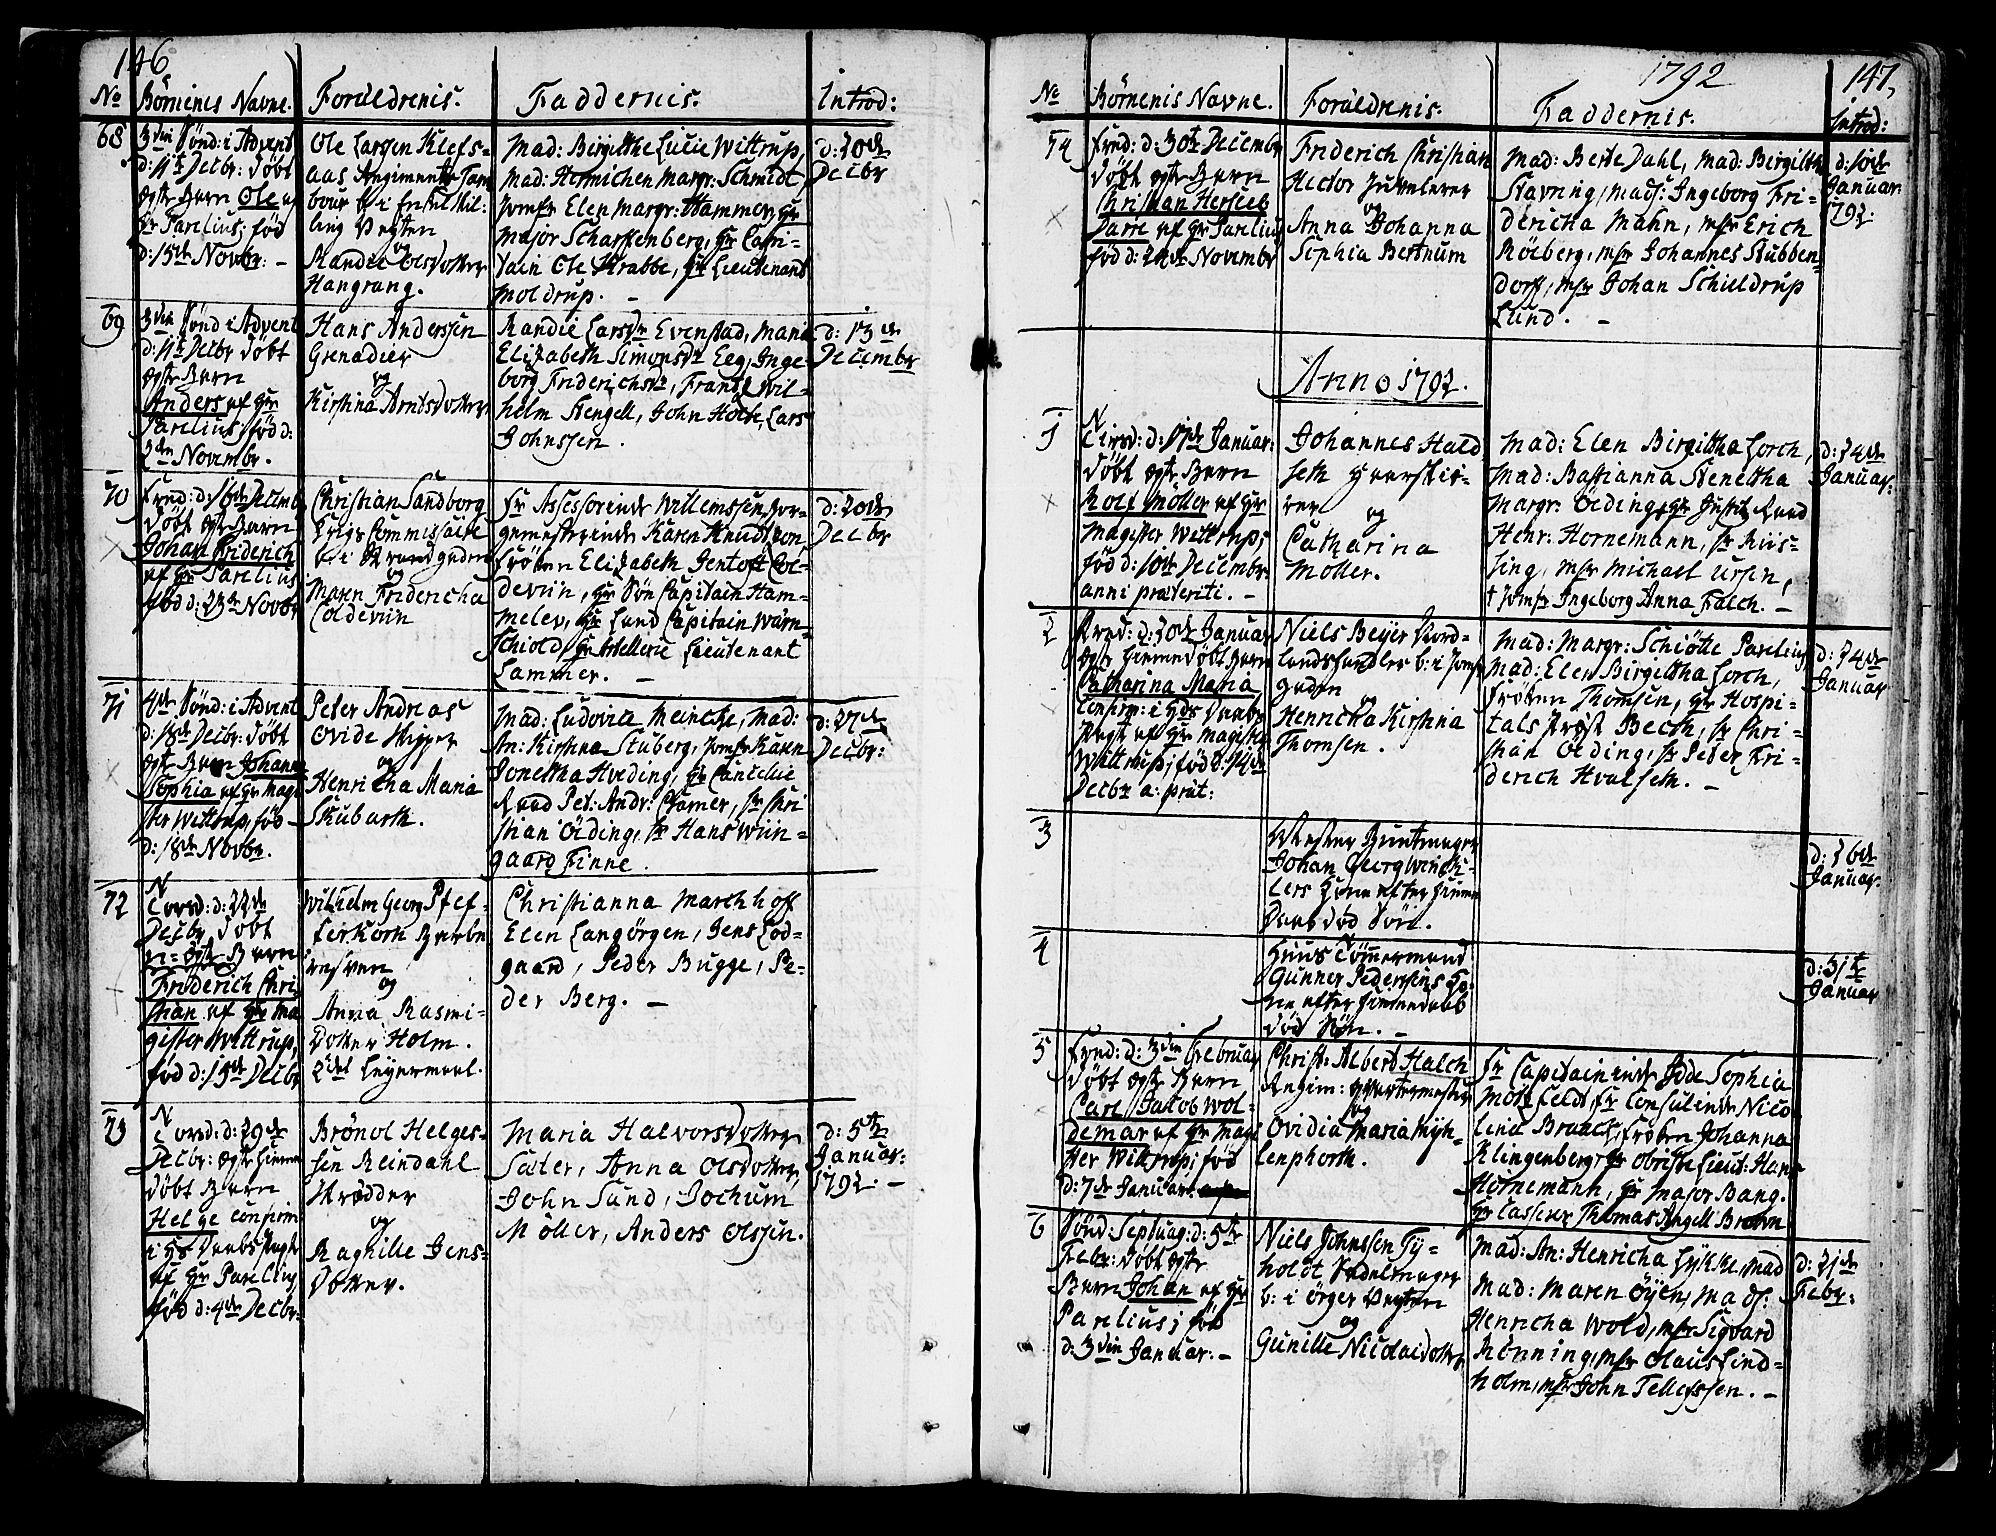 SAT, Ministerialprotokoller, klokkerbøker og fødselsregistre - Sør-Trøndelag, 602/L0104: Ministerialbok nr. 602A02, 1774-1814, s. 146-147